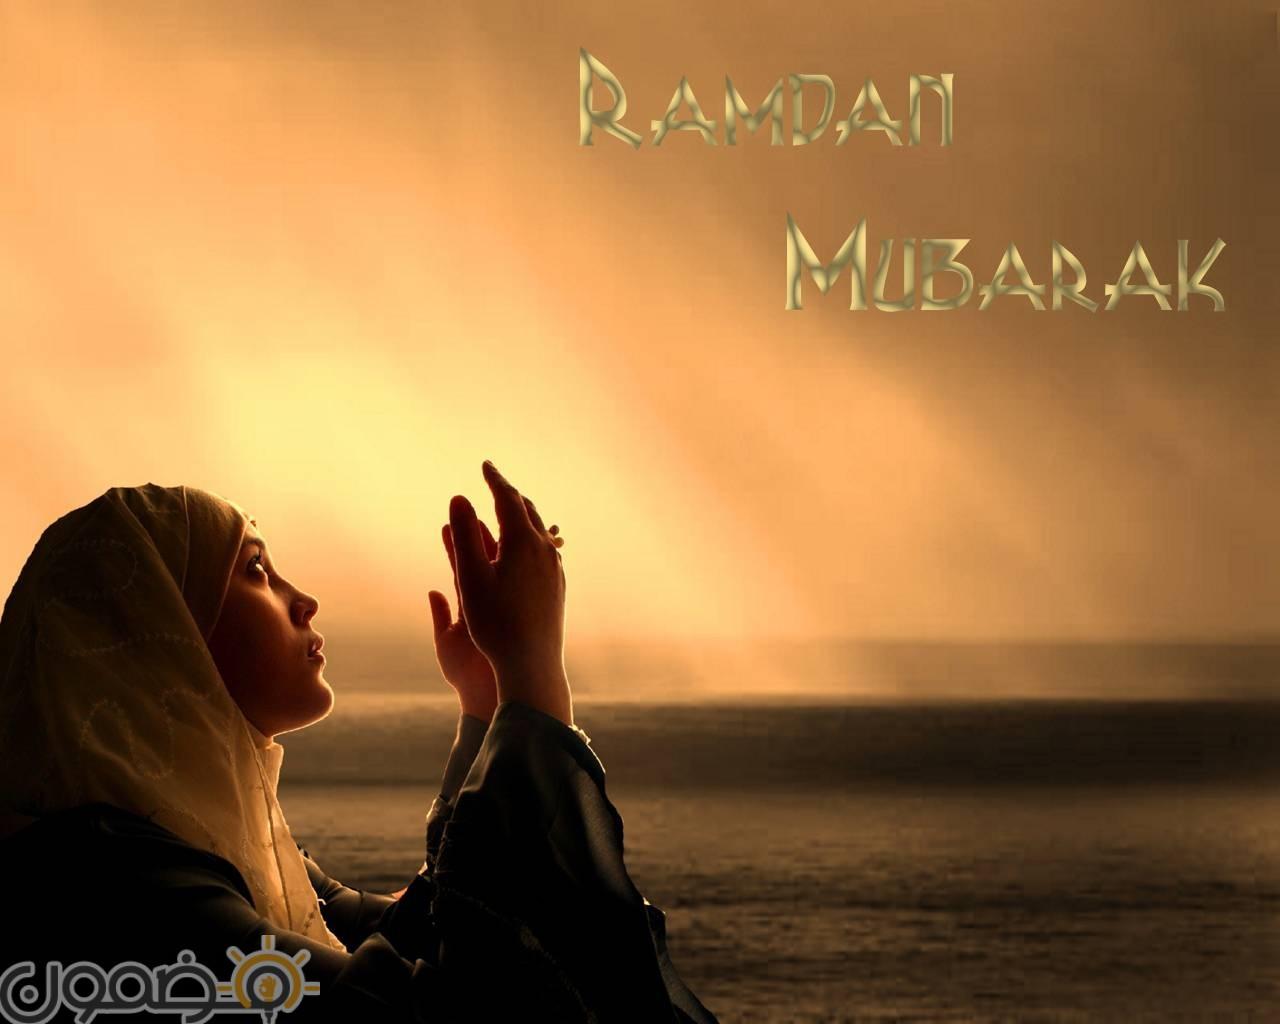 خلفيات رمضان 3d 9 خلفيات رمضان 3d للفيس بوك و للموبايل